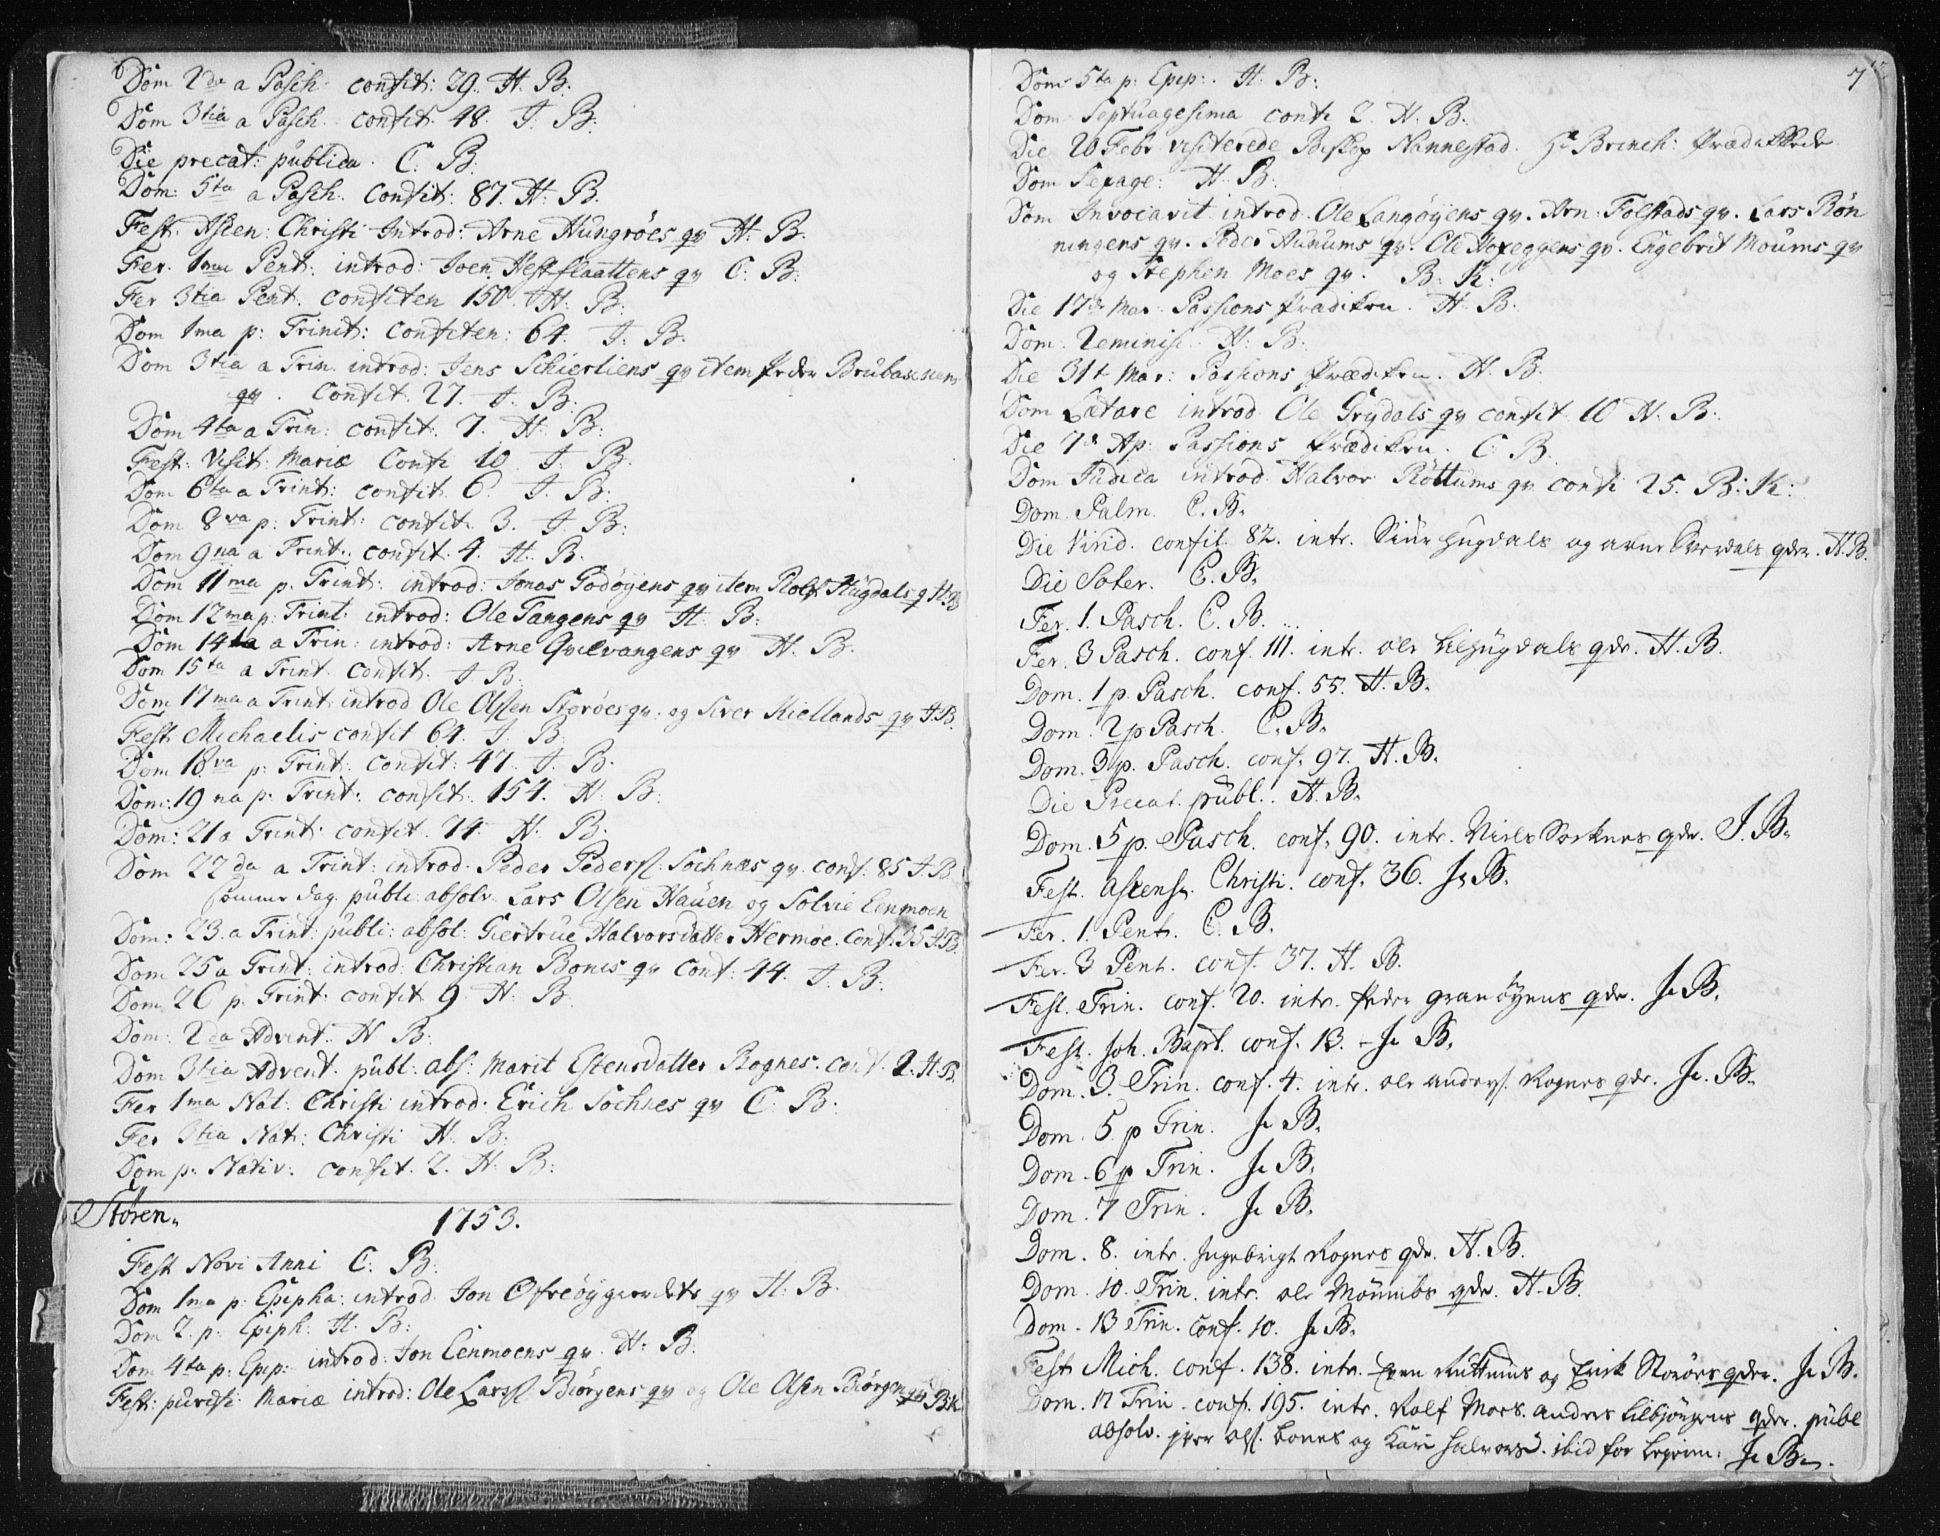 SAT, Ministerialprotokoller, klokkerbøker og fødselsregistre - Sør-Trøndelag, 687/L0991: Ministerialbok nr. 687A02, 1747-1790, s. 7